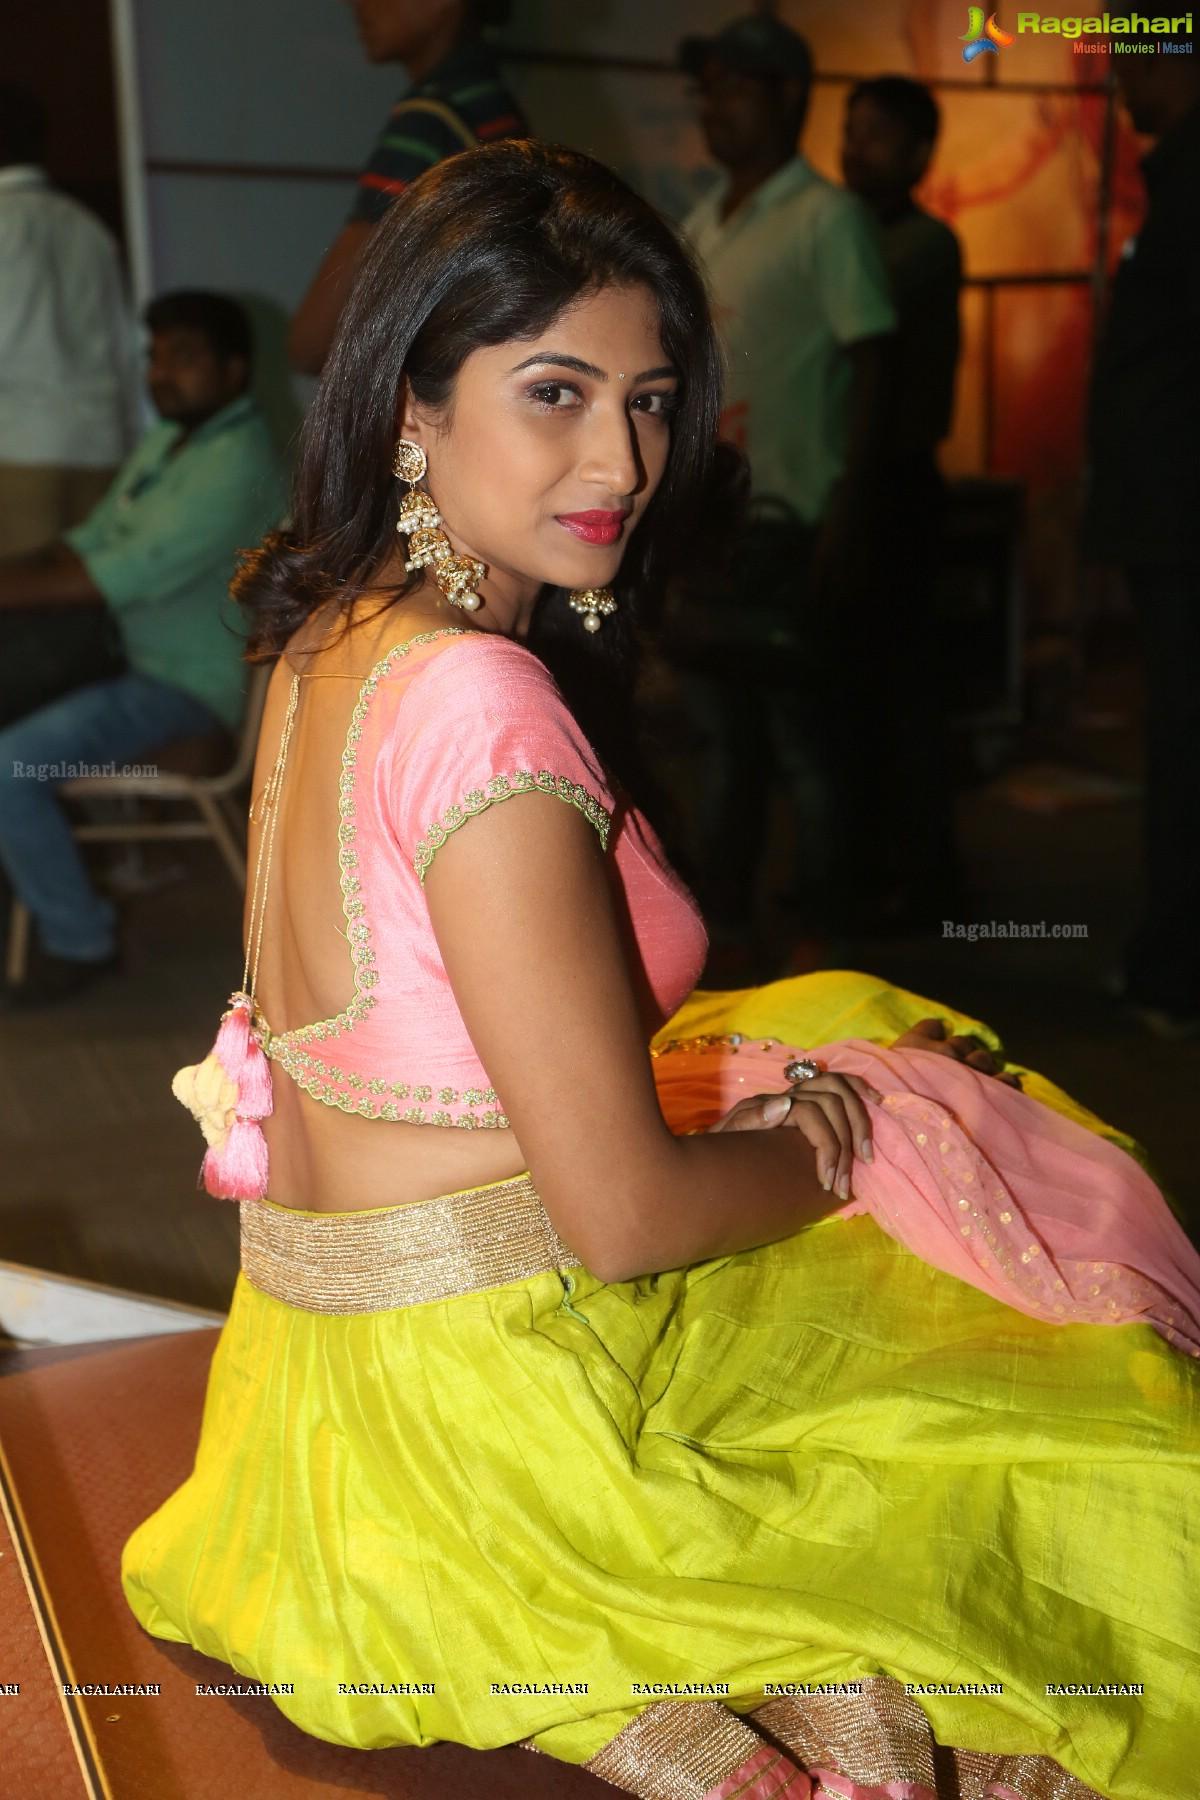 Roshini Prakash Image 50 | Tollywood Heroines Images